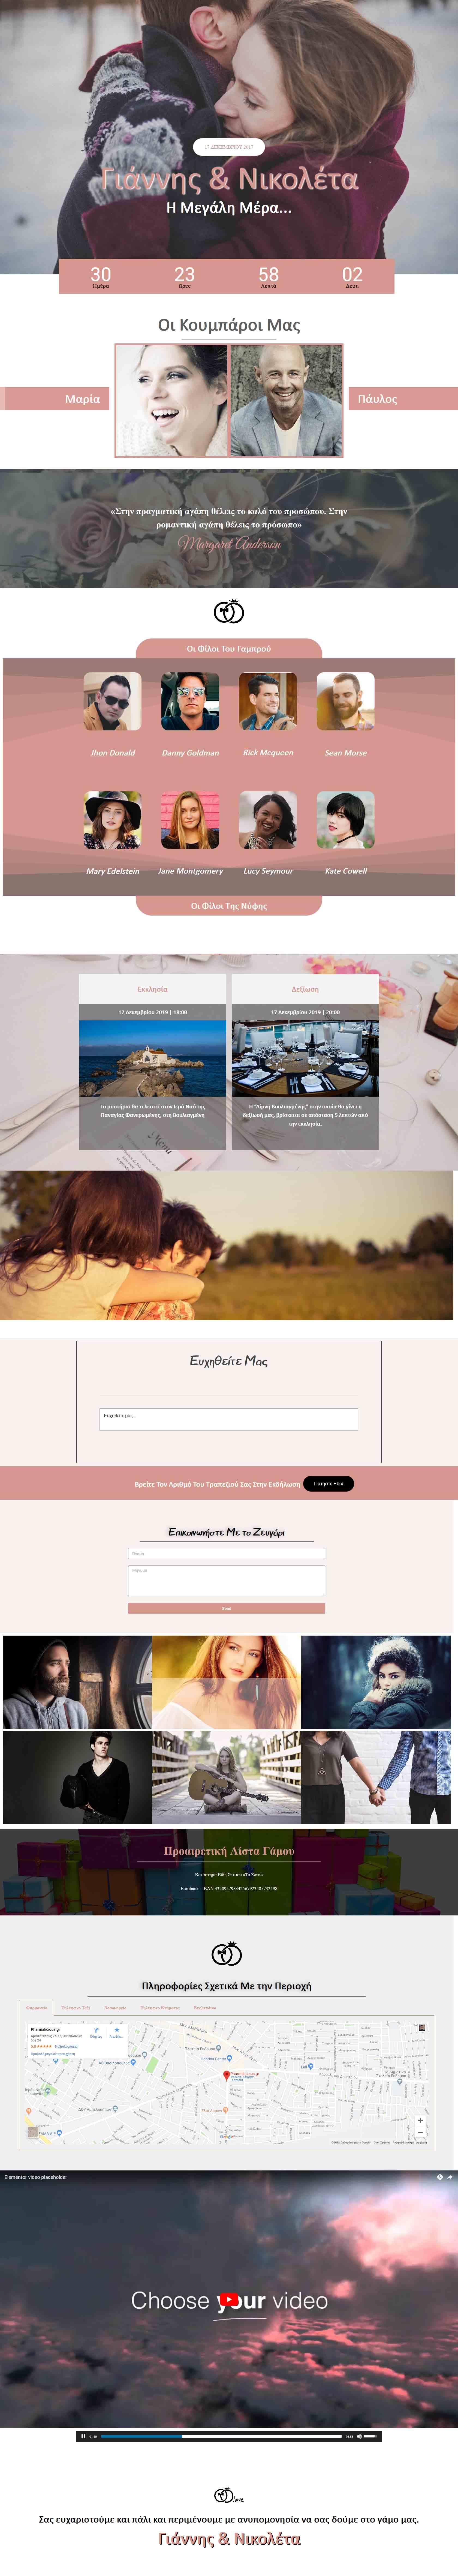 ηλεκτρονικό προσκλητήριο γάμου Πρότυπο 3 | ηλεκτρονικό προσκλητηρίο | Gamos.Love